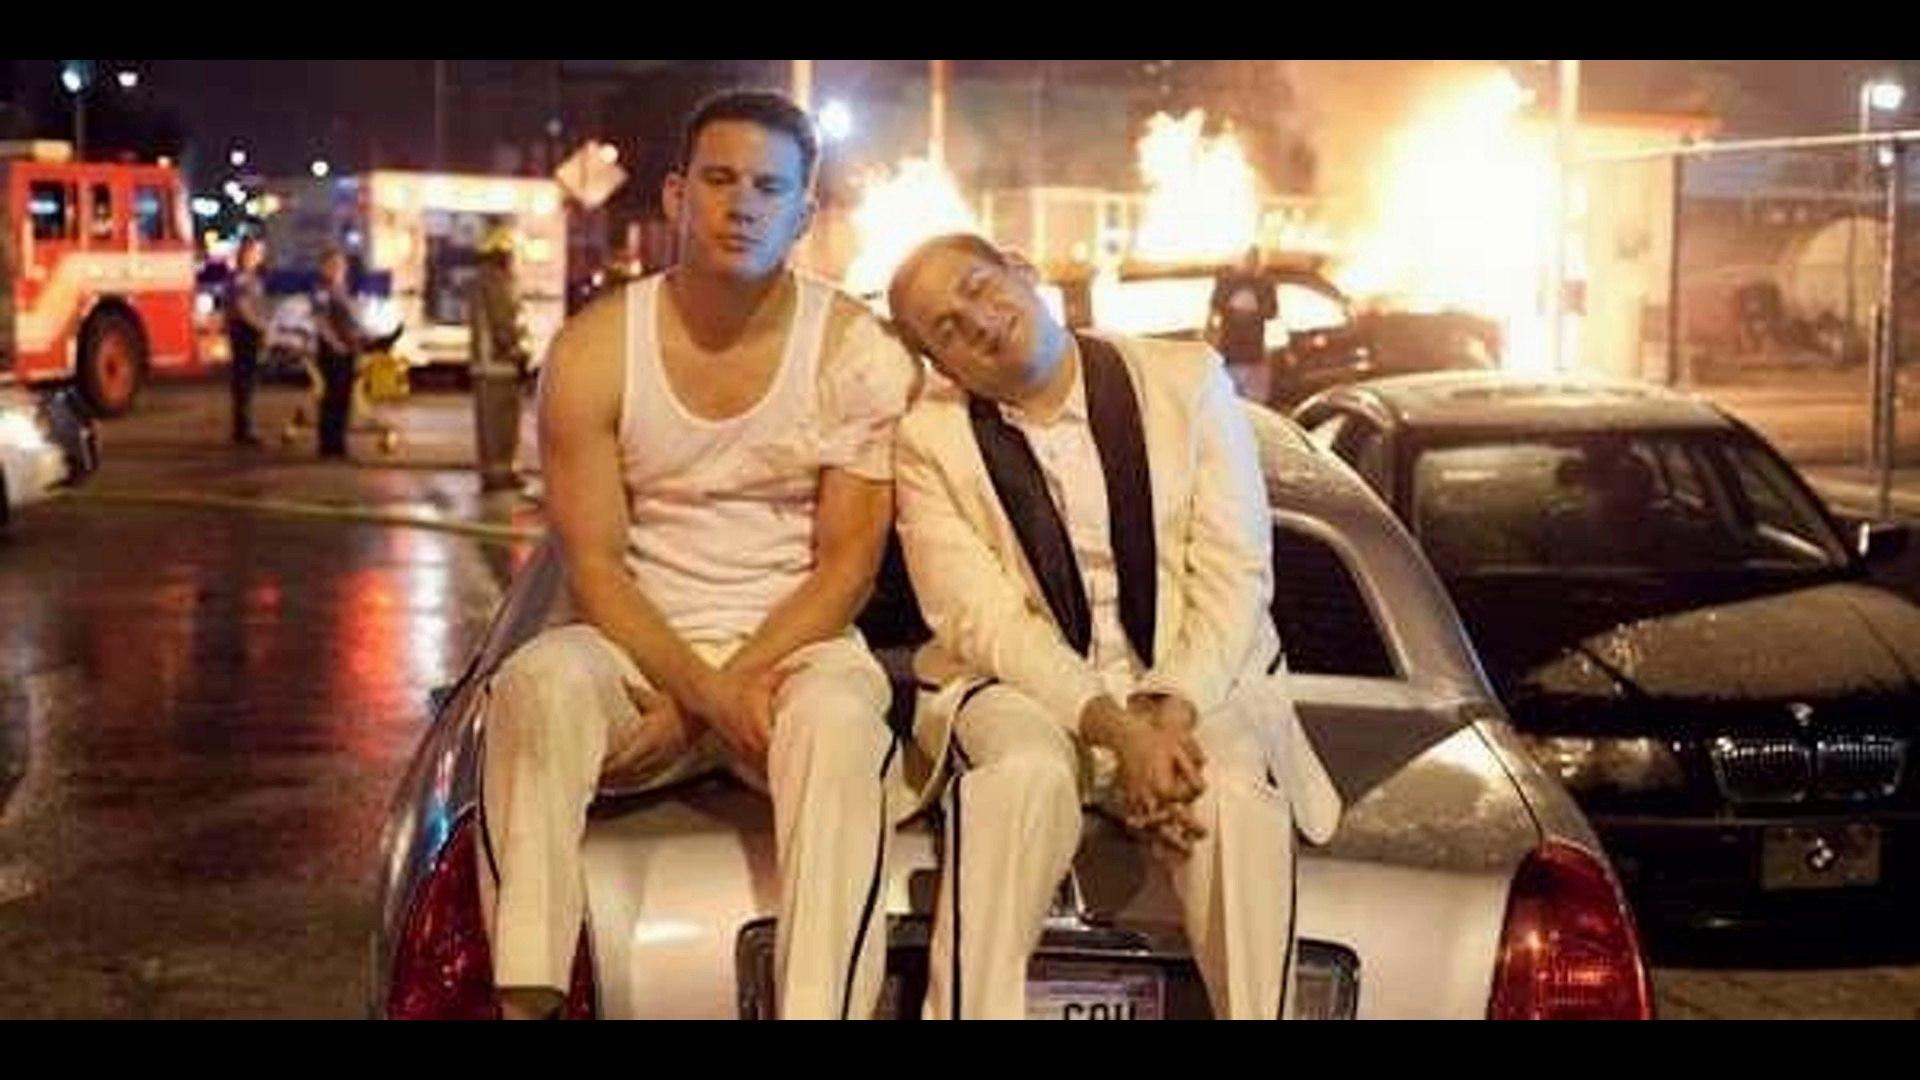 ##PMOK NORRY##Watch 22 Jump Street Online , #22 Jump Street Full Movie, #Watch 22 Jump Street Full M